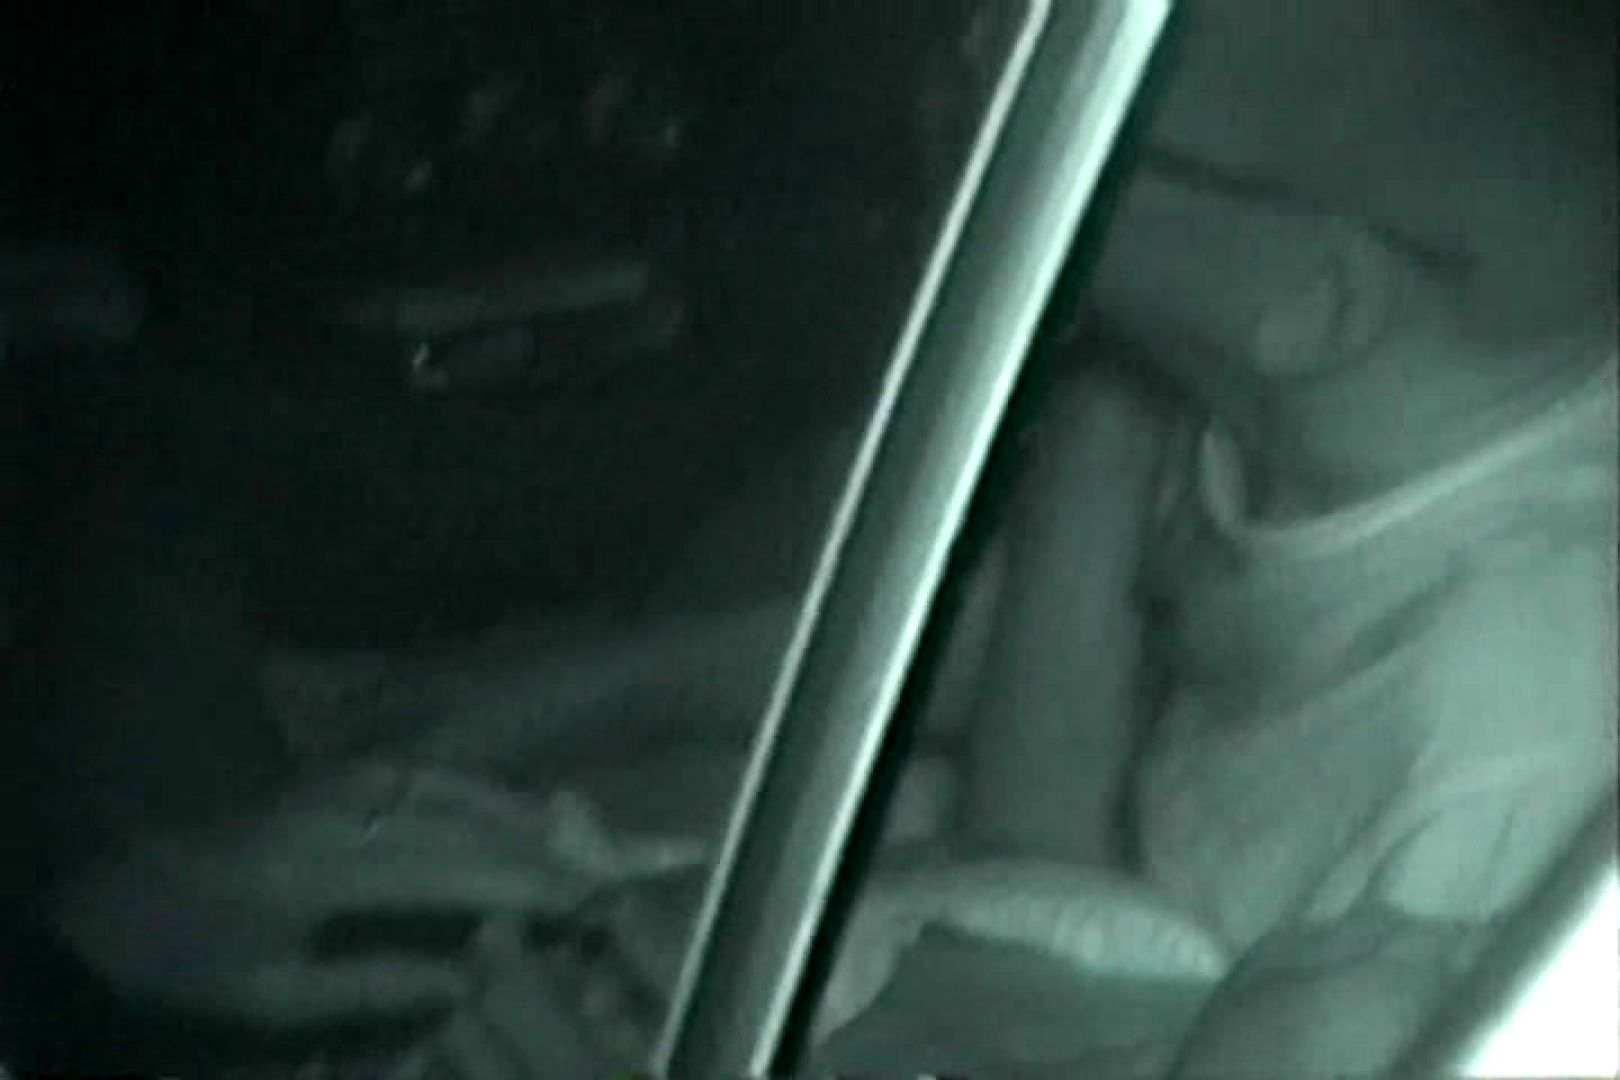 充血監督の深夜の運動会Vol.128 OLエロ画像   カーセックス  50PICs 25